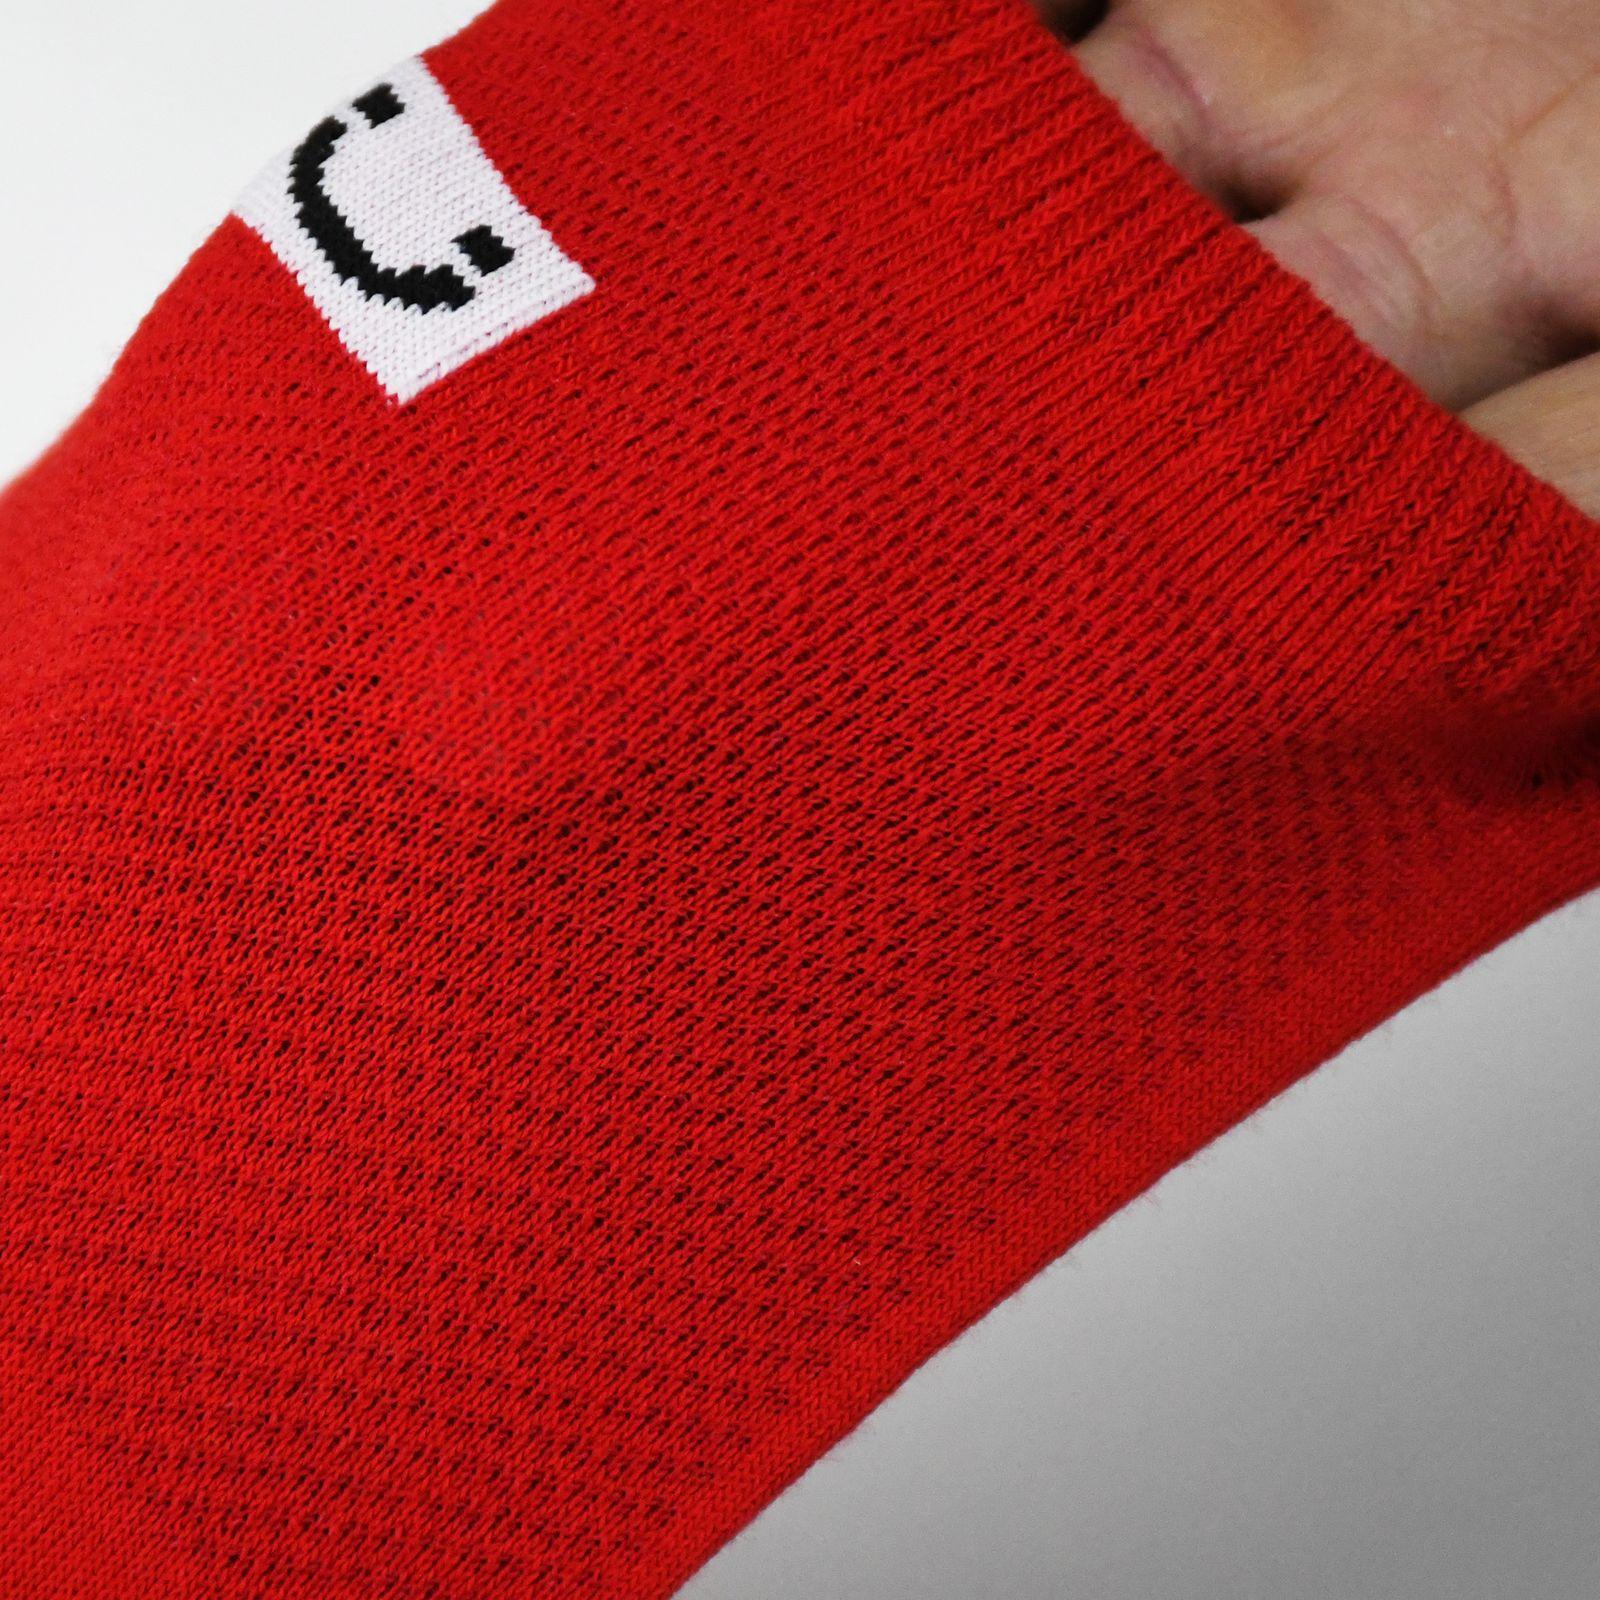 جوراب زنانه فیرو پلاس مدل KL304 مجموعه 3 عددی -  - 1